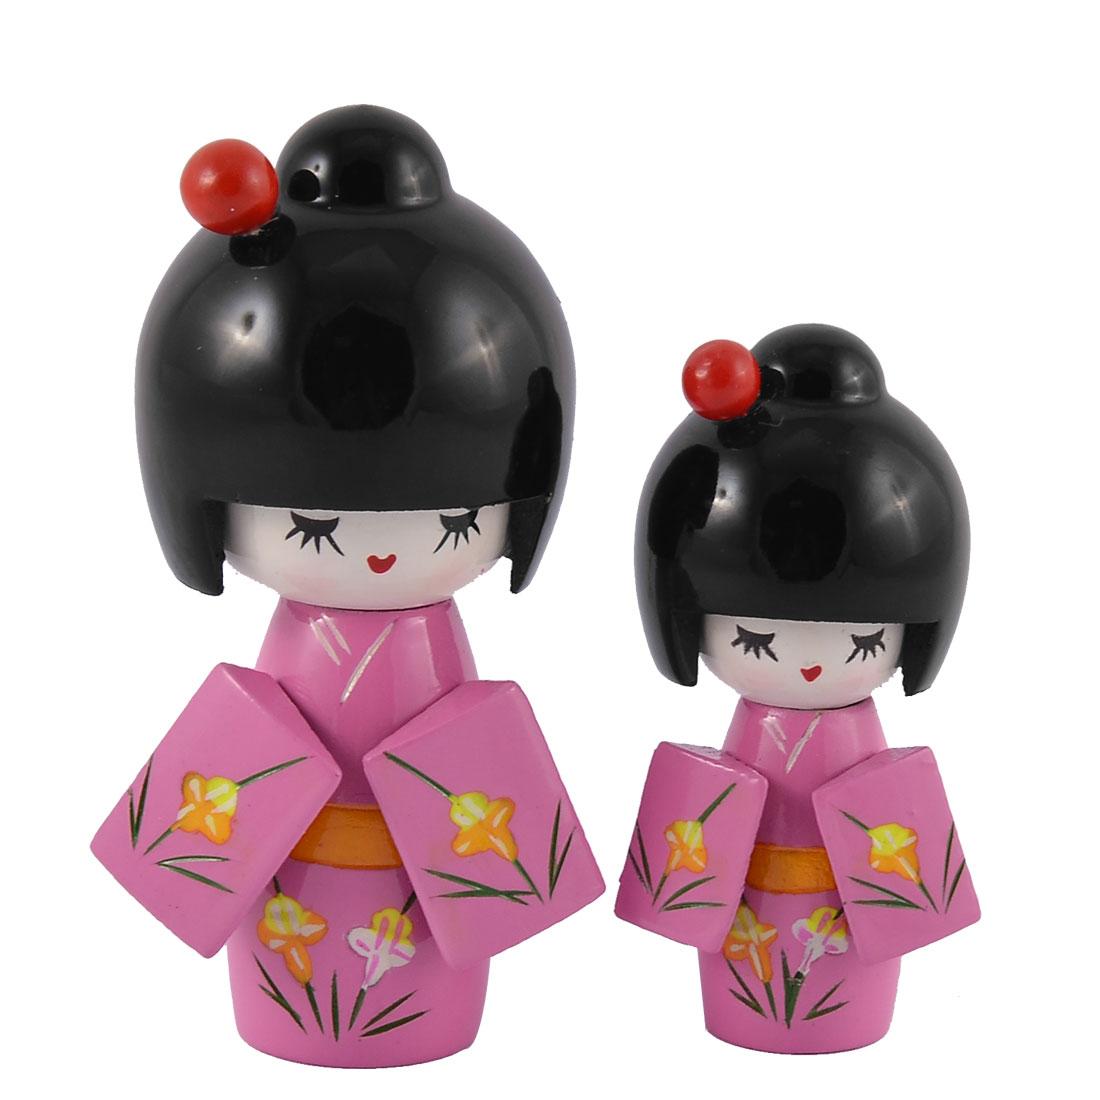 2 in 1 Pink Wooden Japanese Kimono Kokeshi Art Doll Girl Desk Ornament